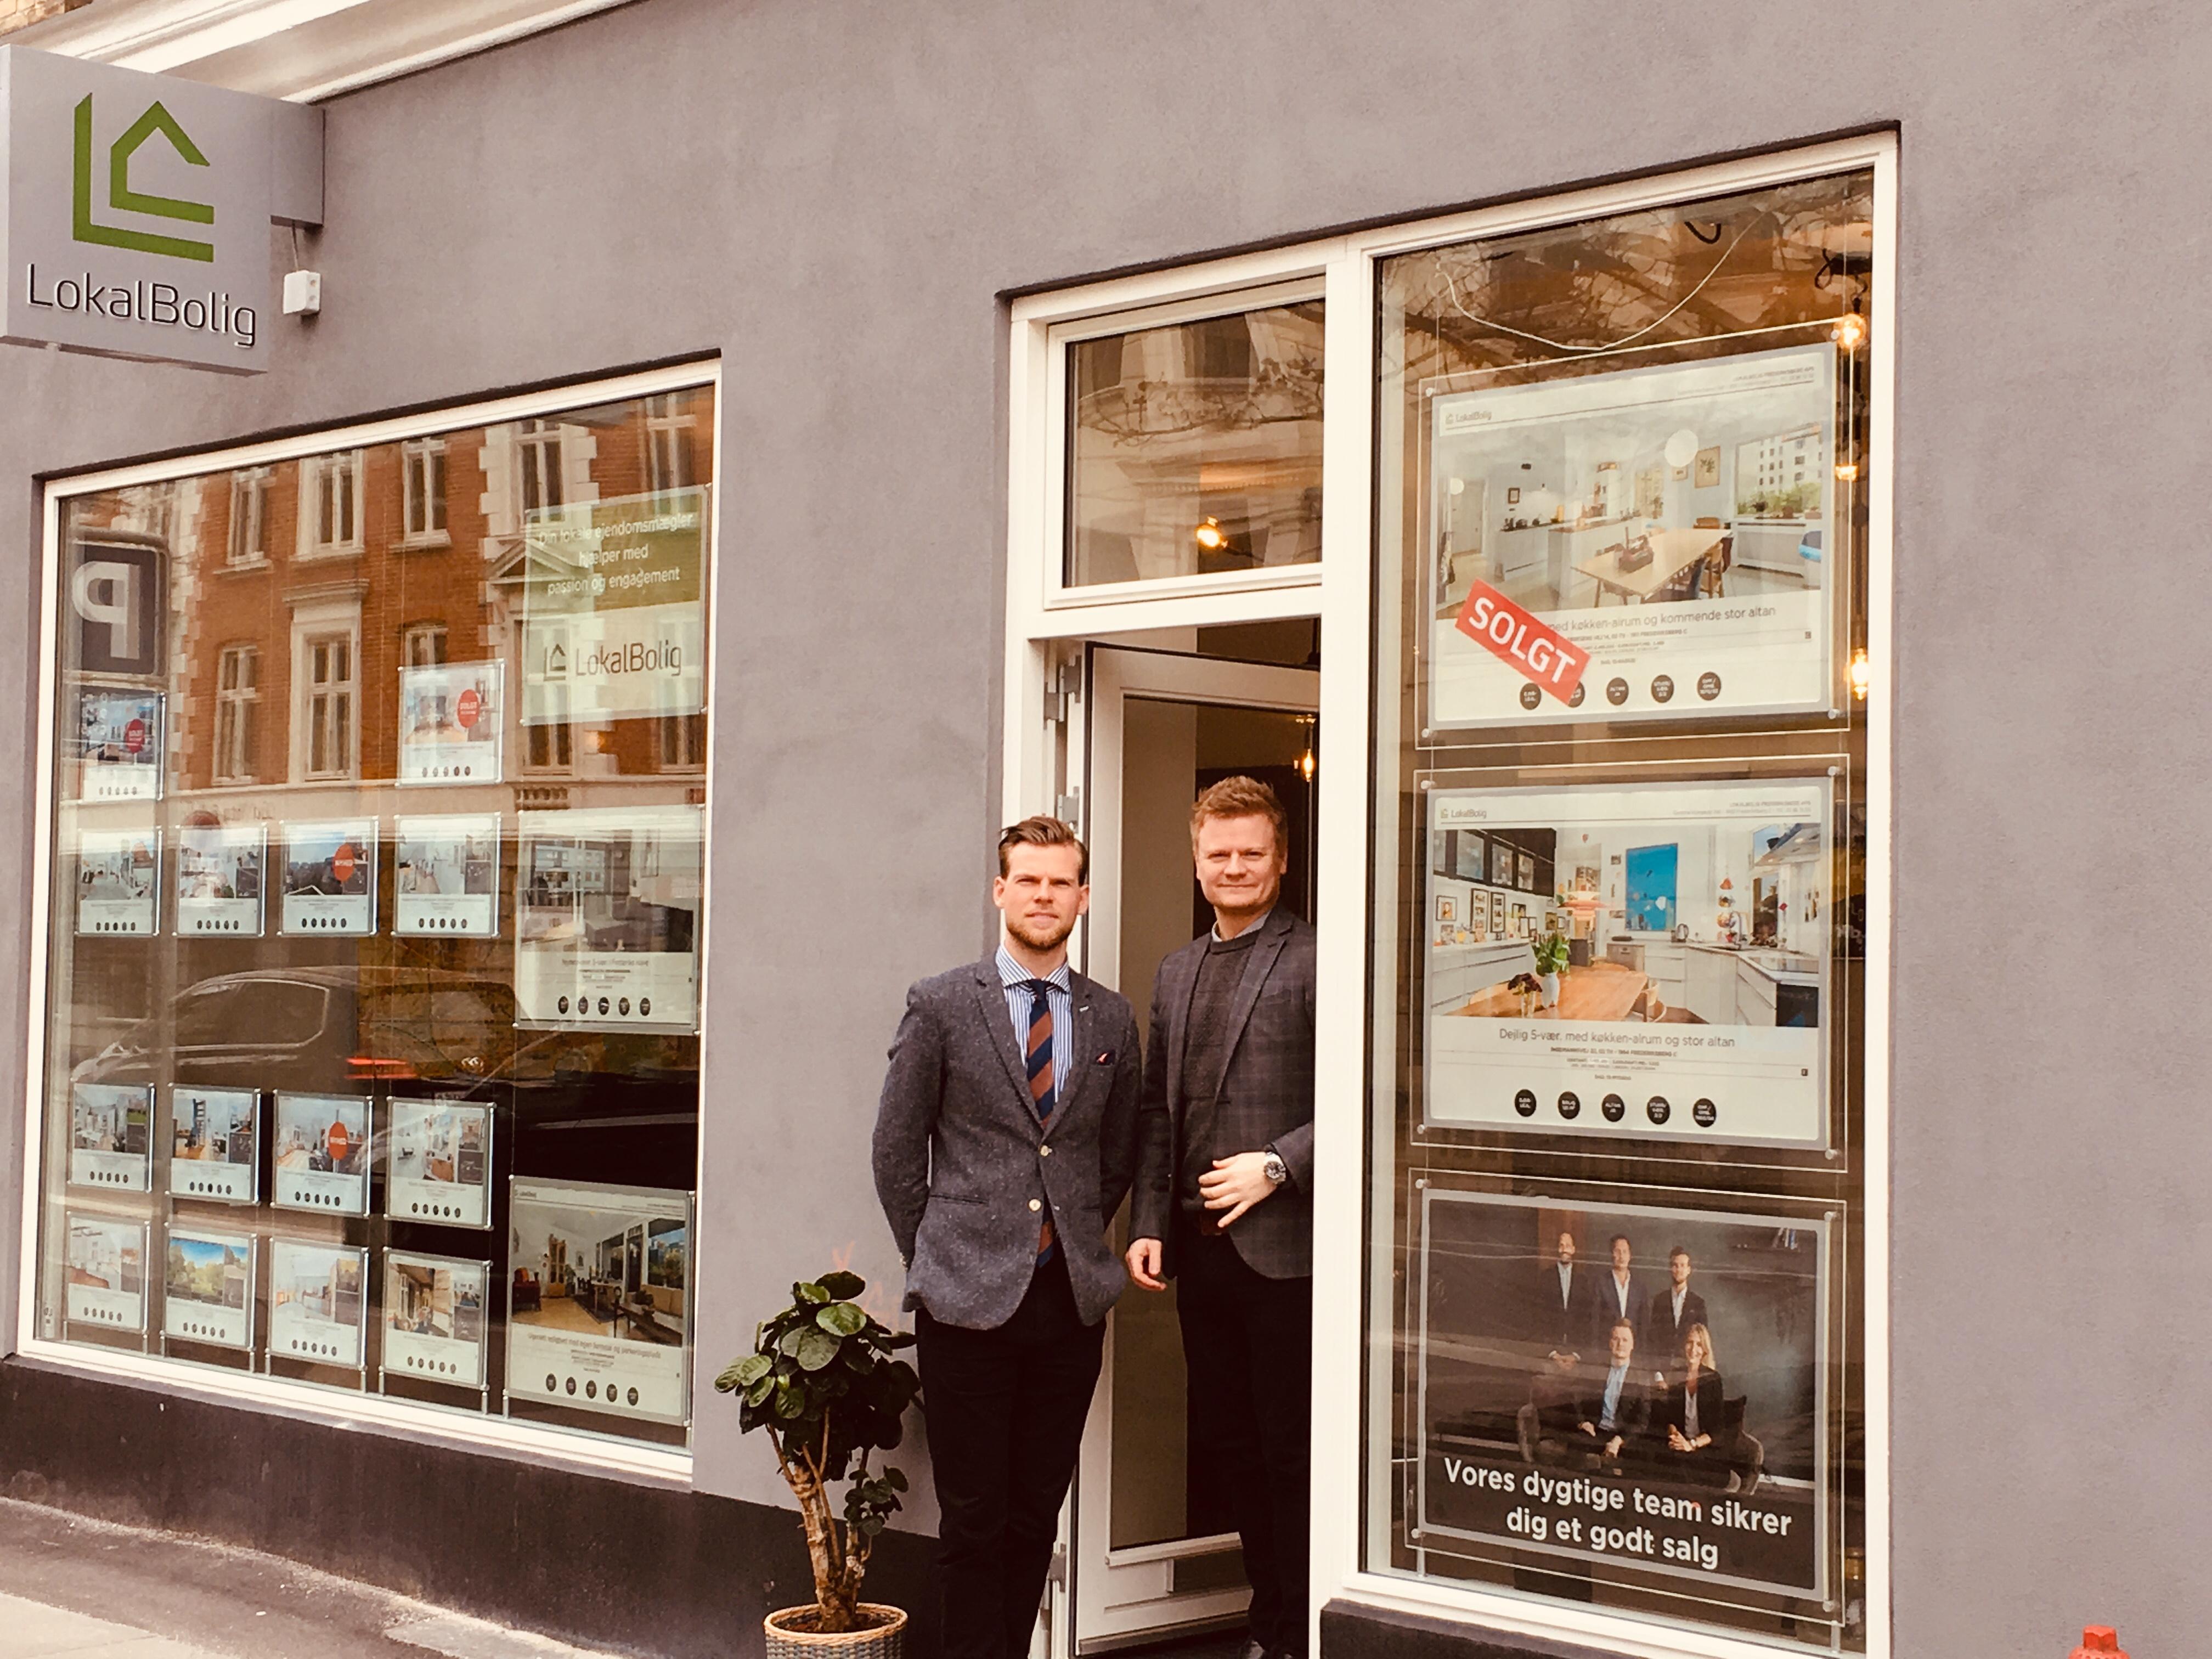 Mægler LokalBolig Frederiksberg ApS. Kontakt her hvis du skal købe.